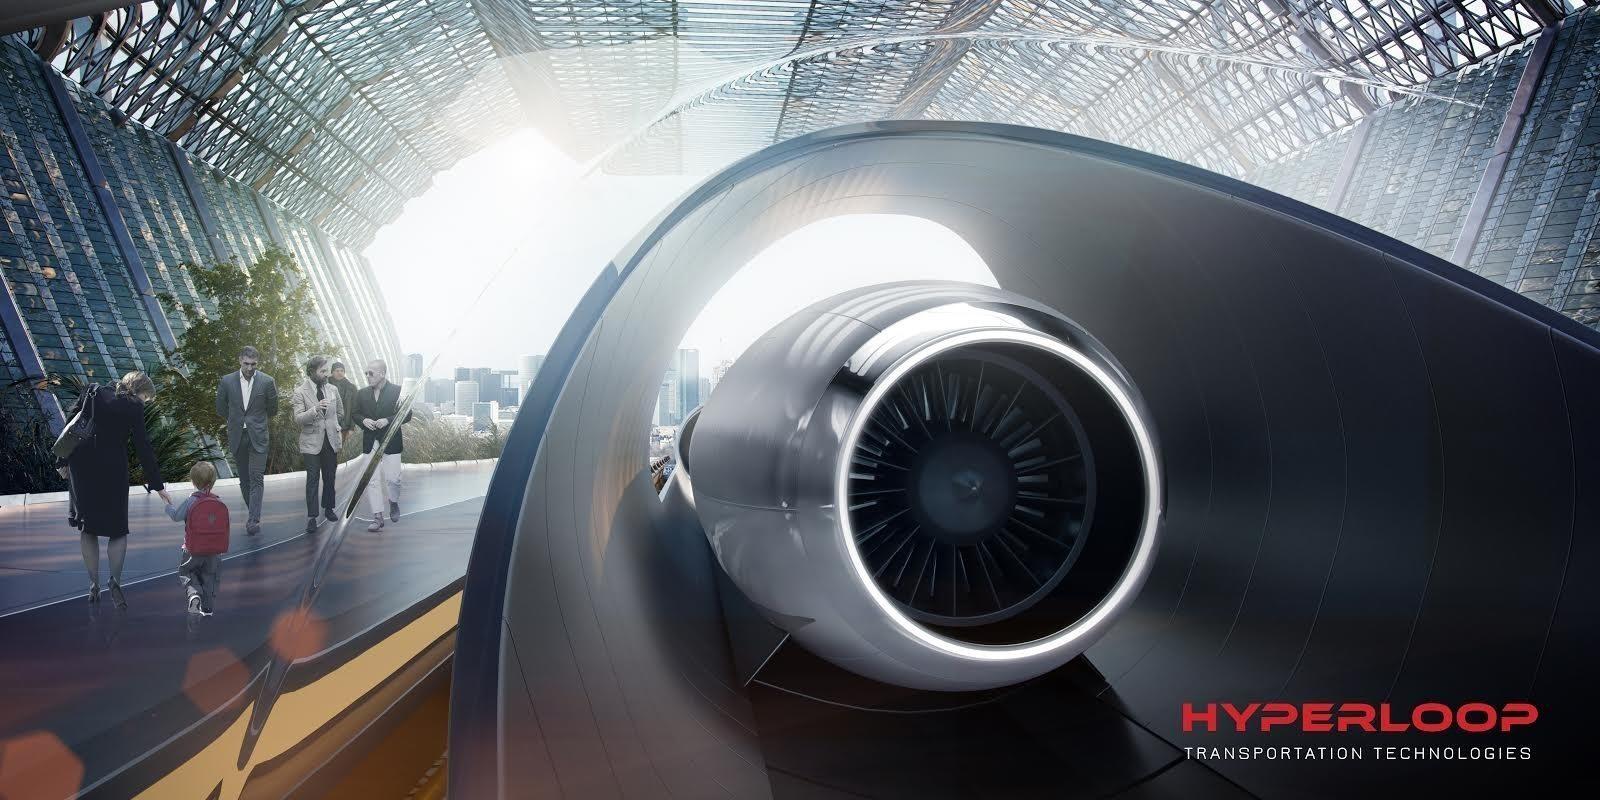 hyperloop-transportation